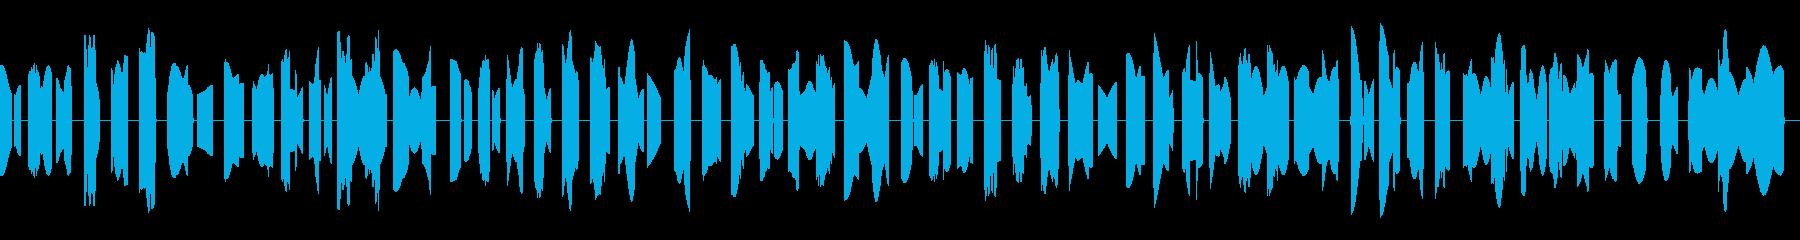 古いゲームのBGMの再生済みの波形